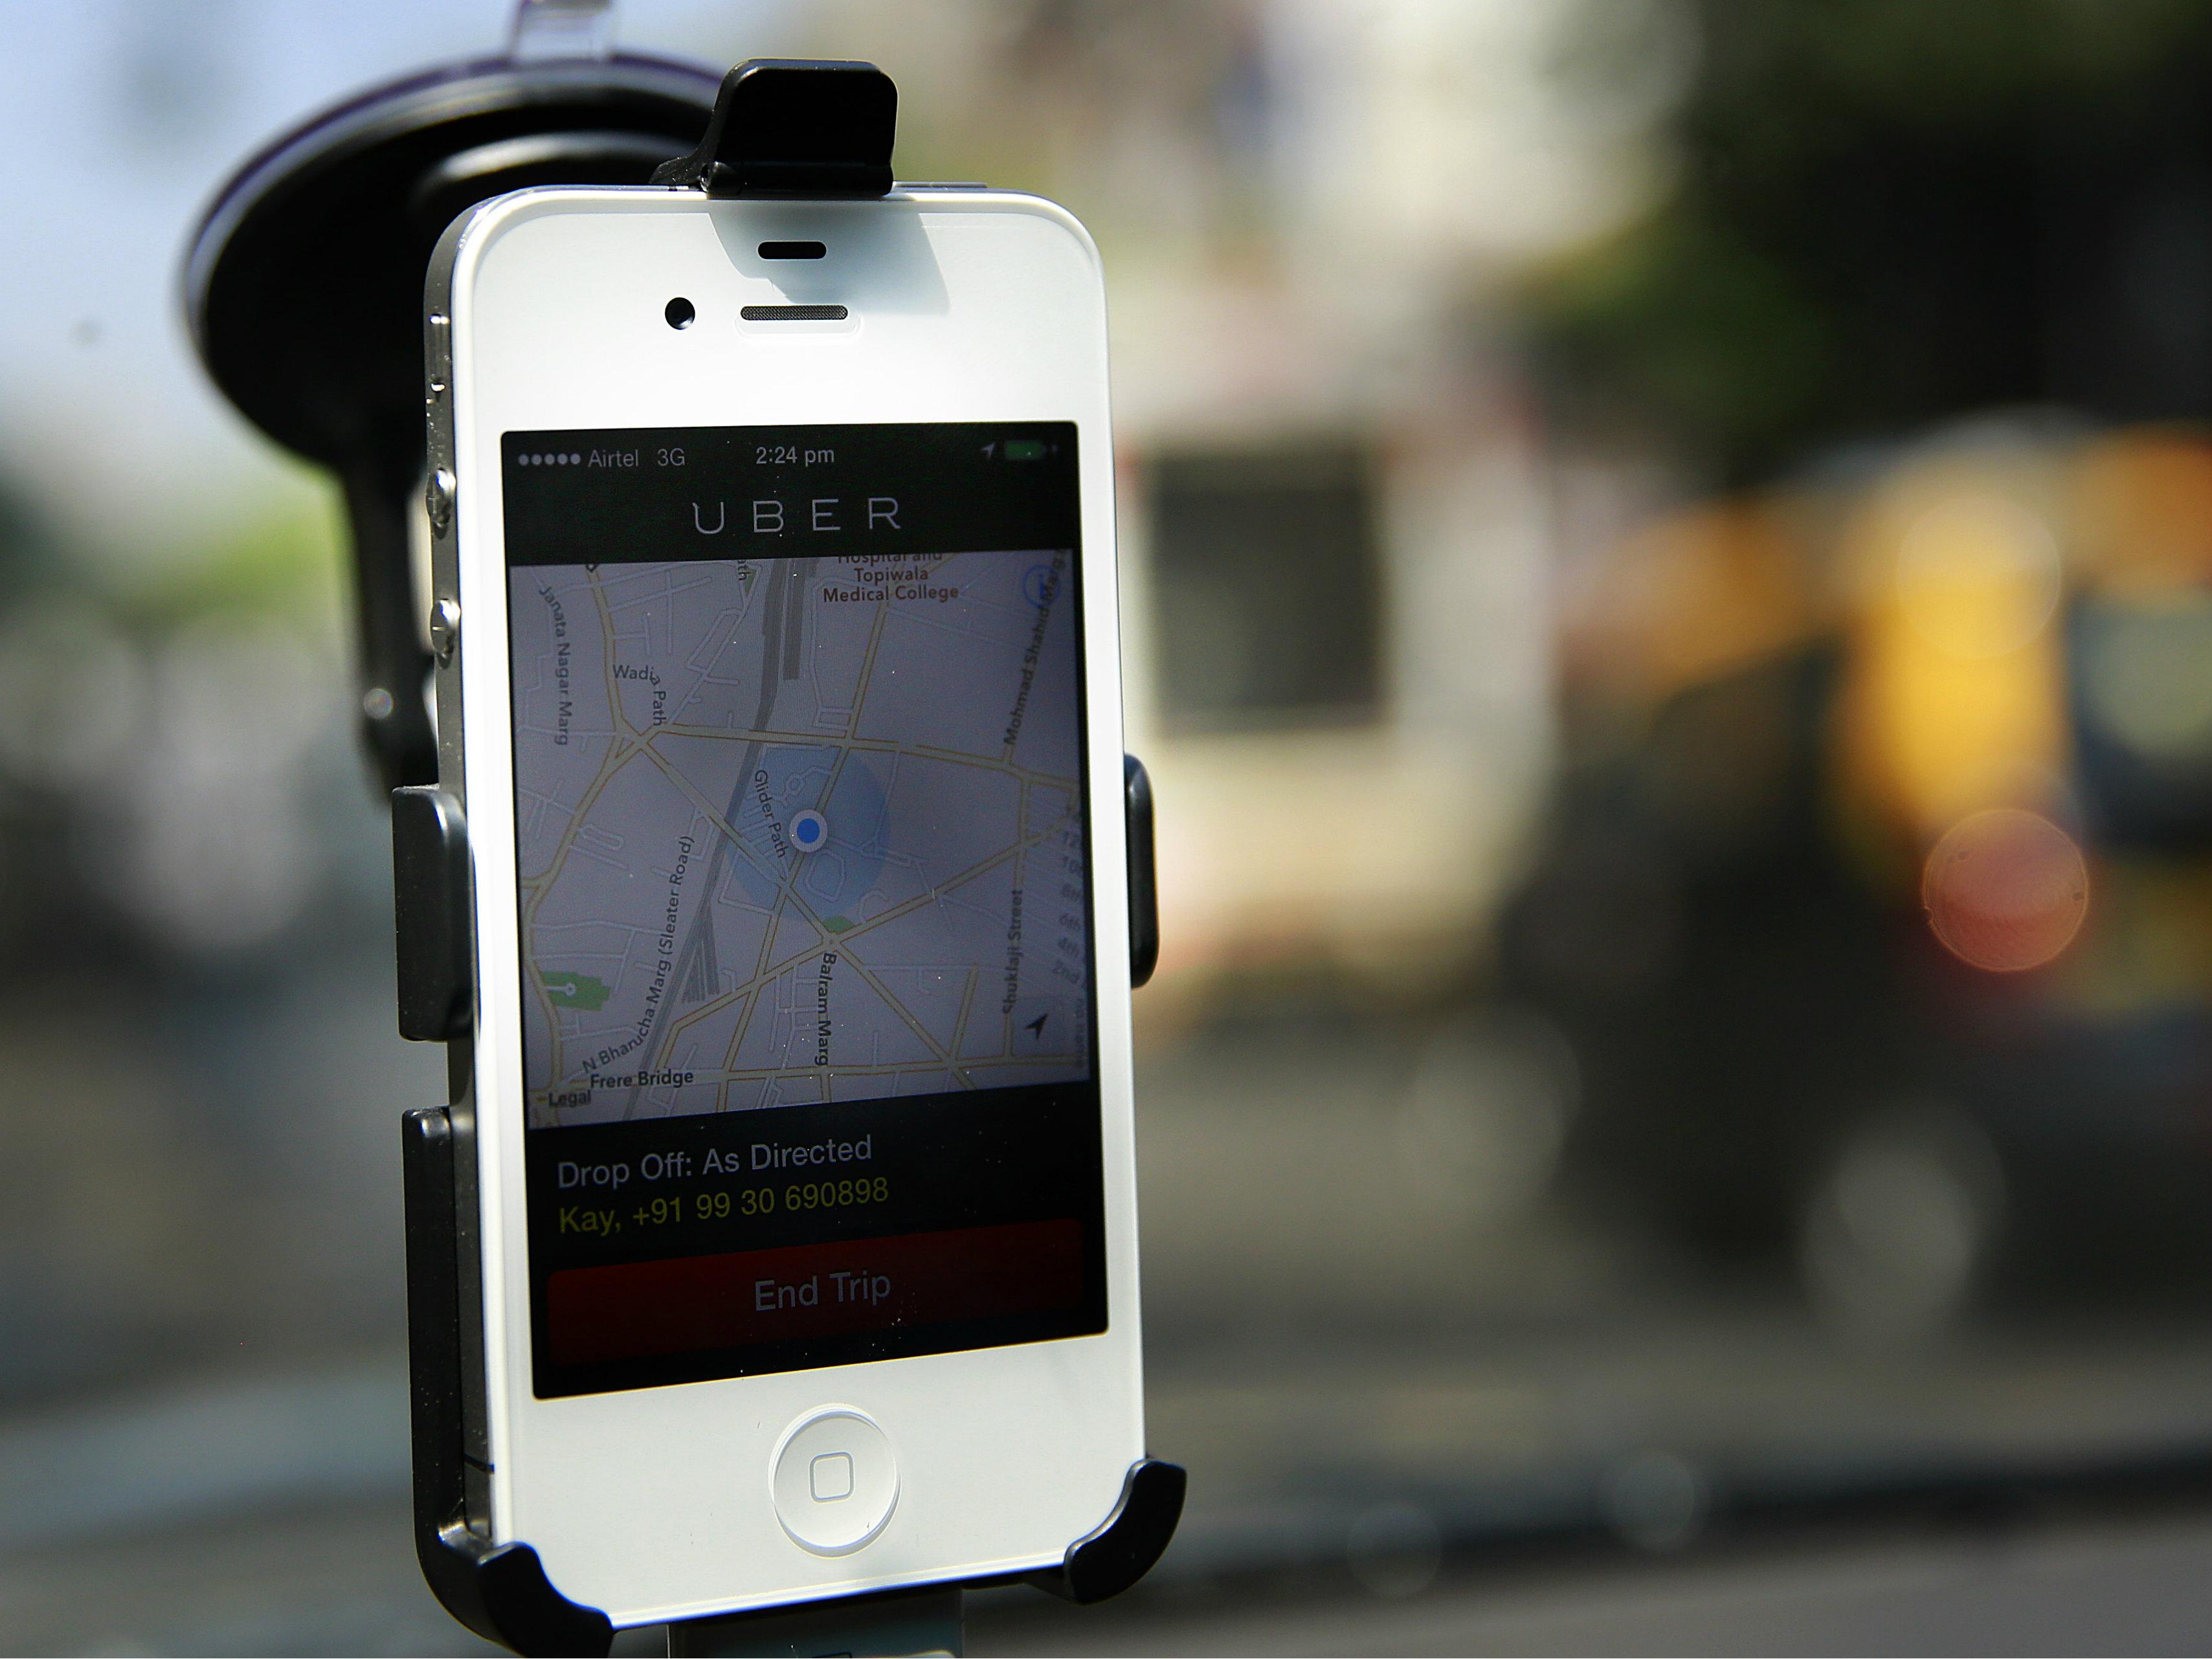 Photo: Uber app